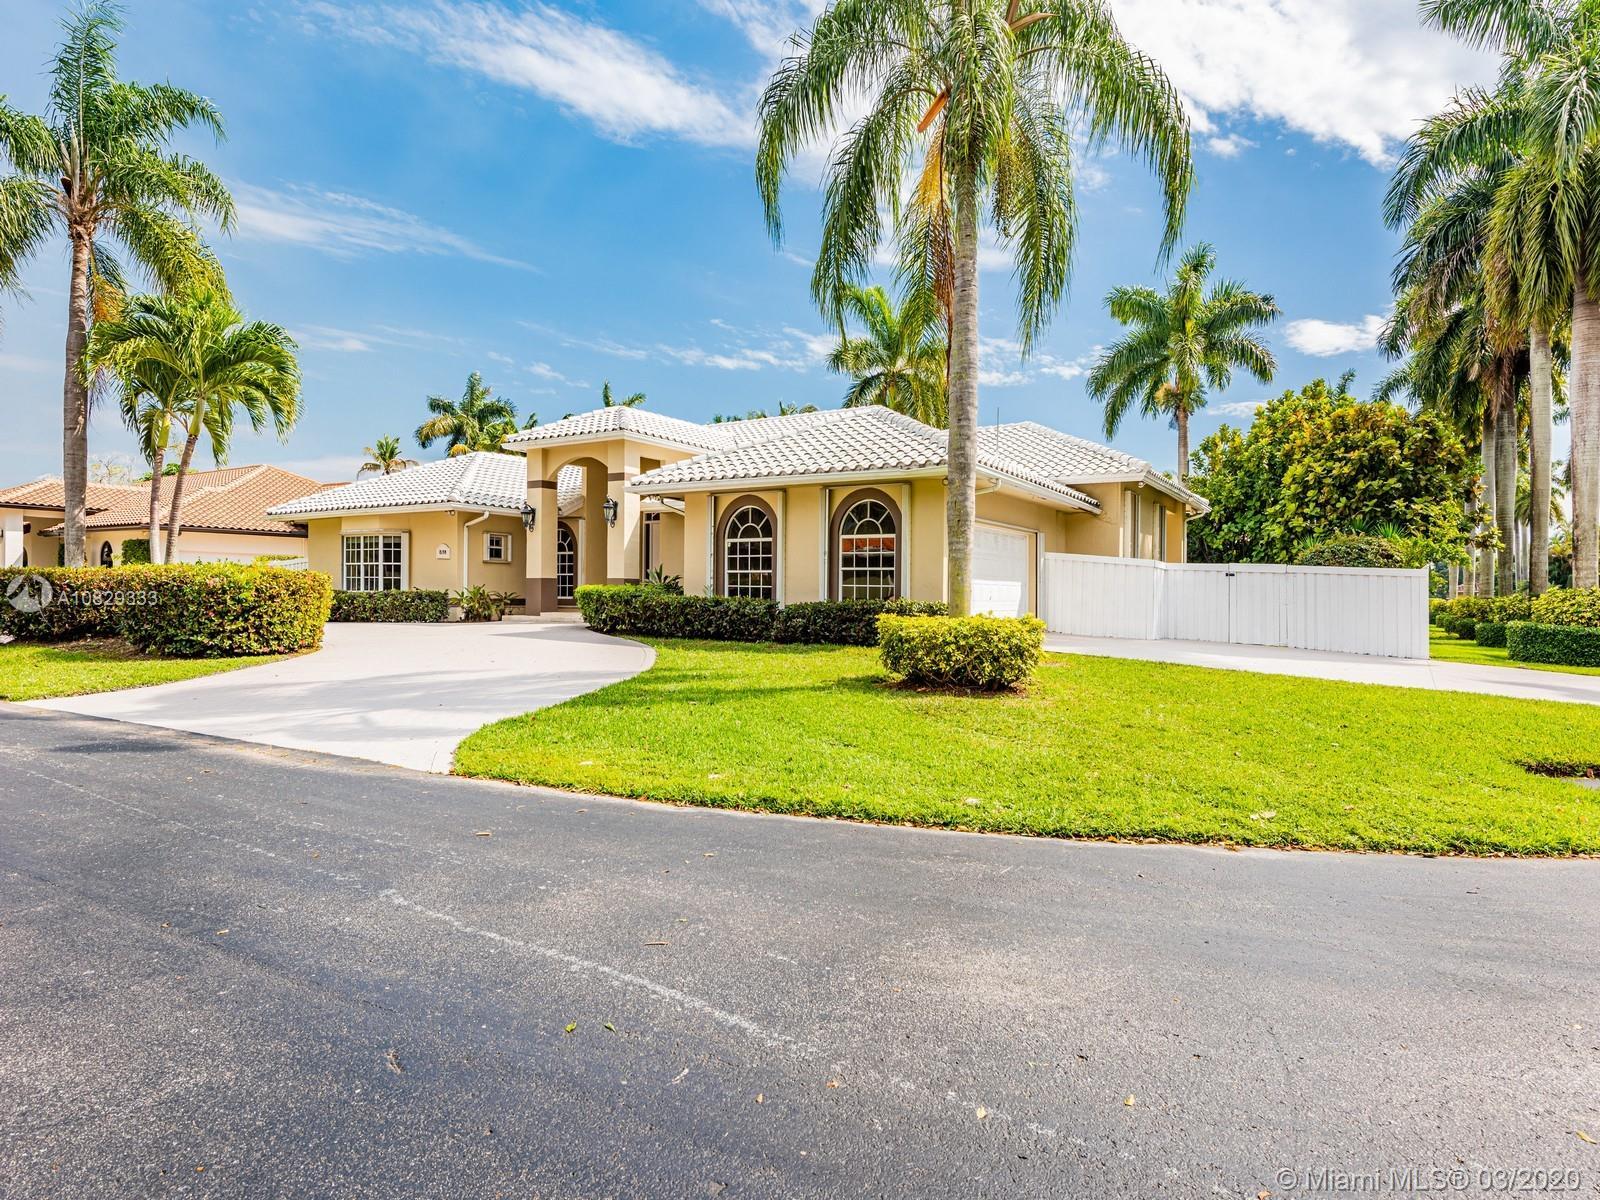 South Miami - 8198 SW 84th Ter, Miami, FL 33143